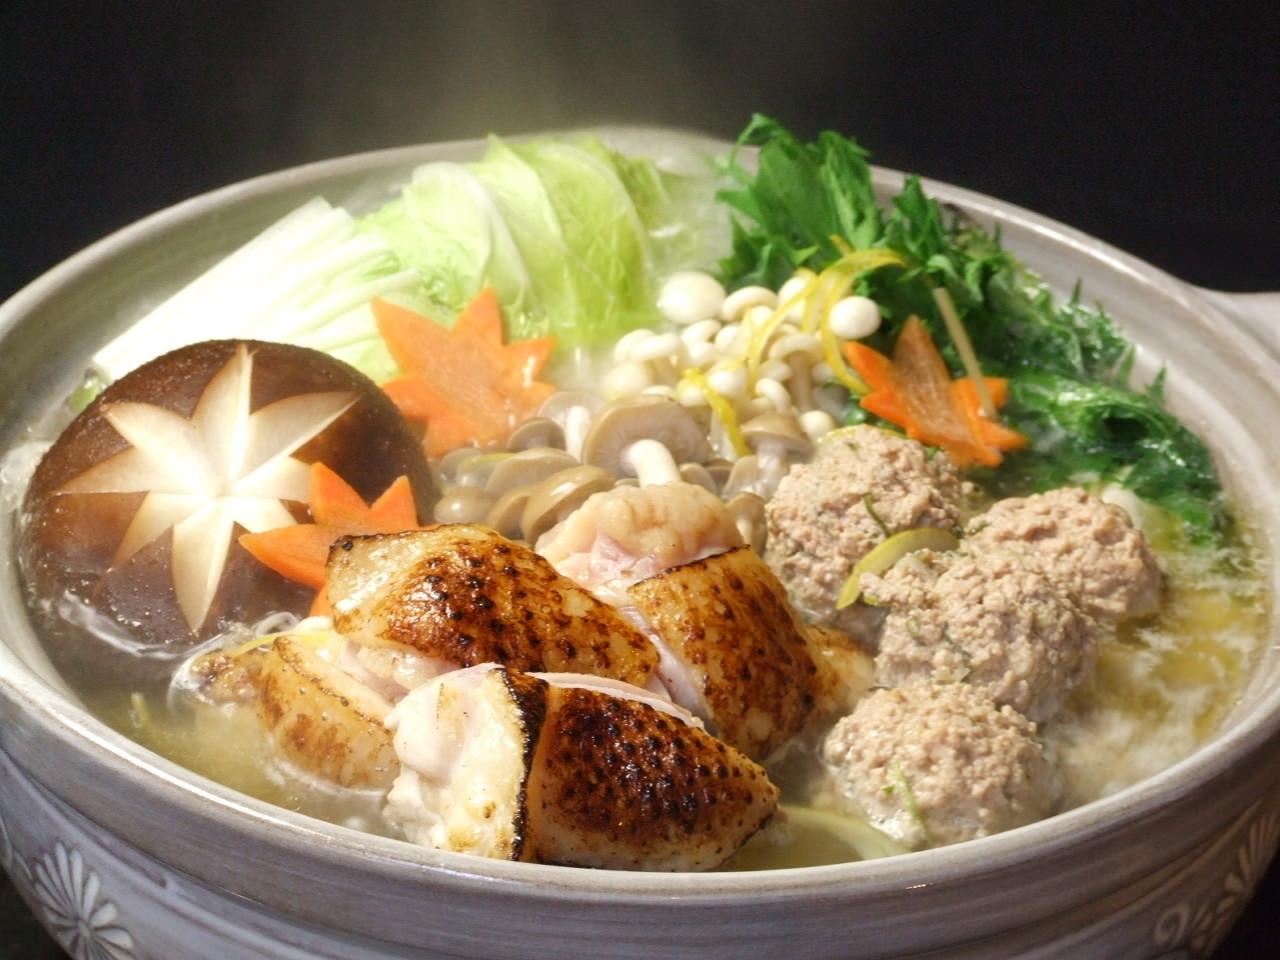 寒ーい冬は鍋で温まろう!みんなが食べてる人気の美味しい鍋特集!のサムネイル画像